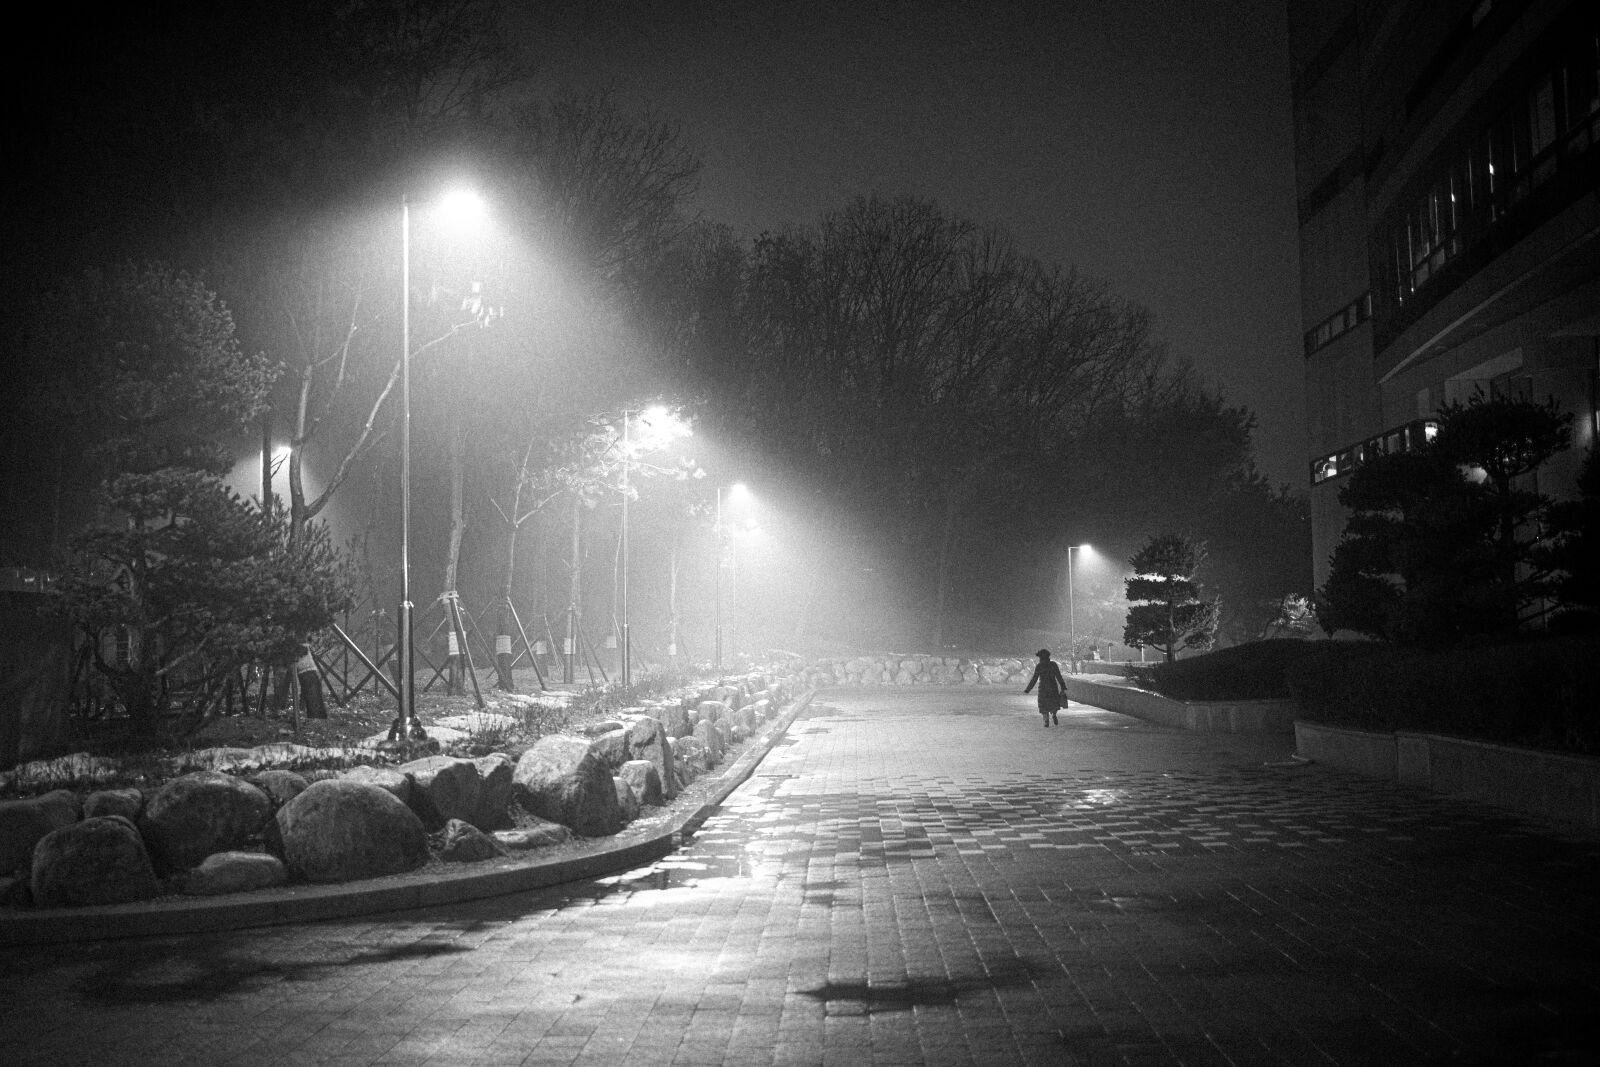 Foggy and rainy night